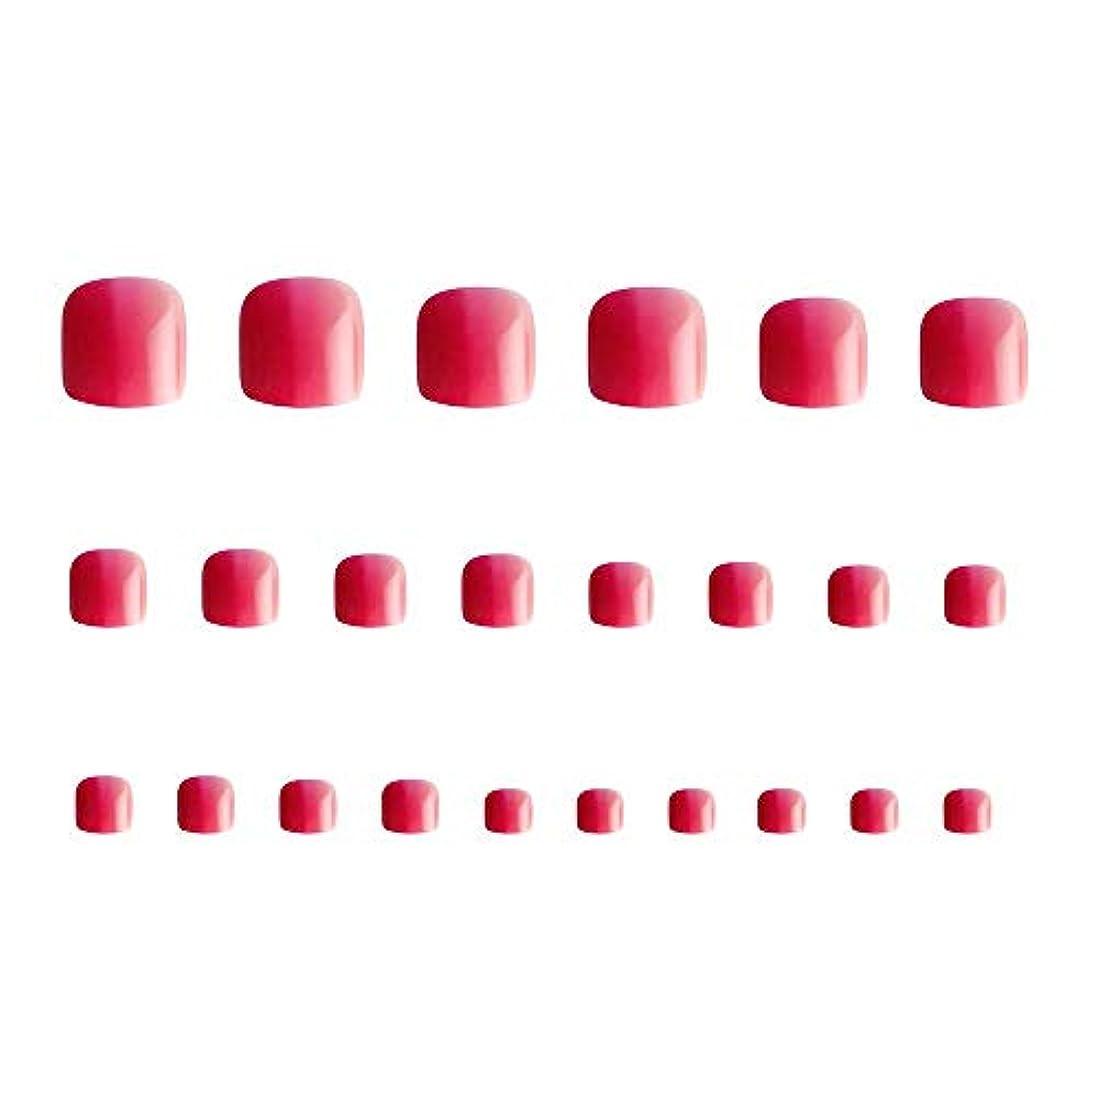 最大のベギン繁栄する24枚 12別サイズ つや 足の爪 ピンク グラデーション 短い 四角形ネイルチップ フルカバー